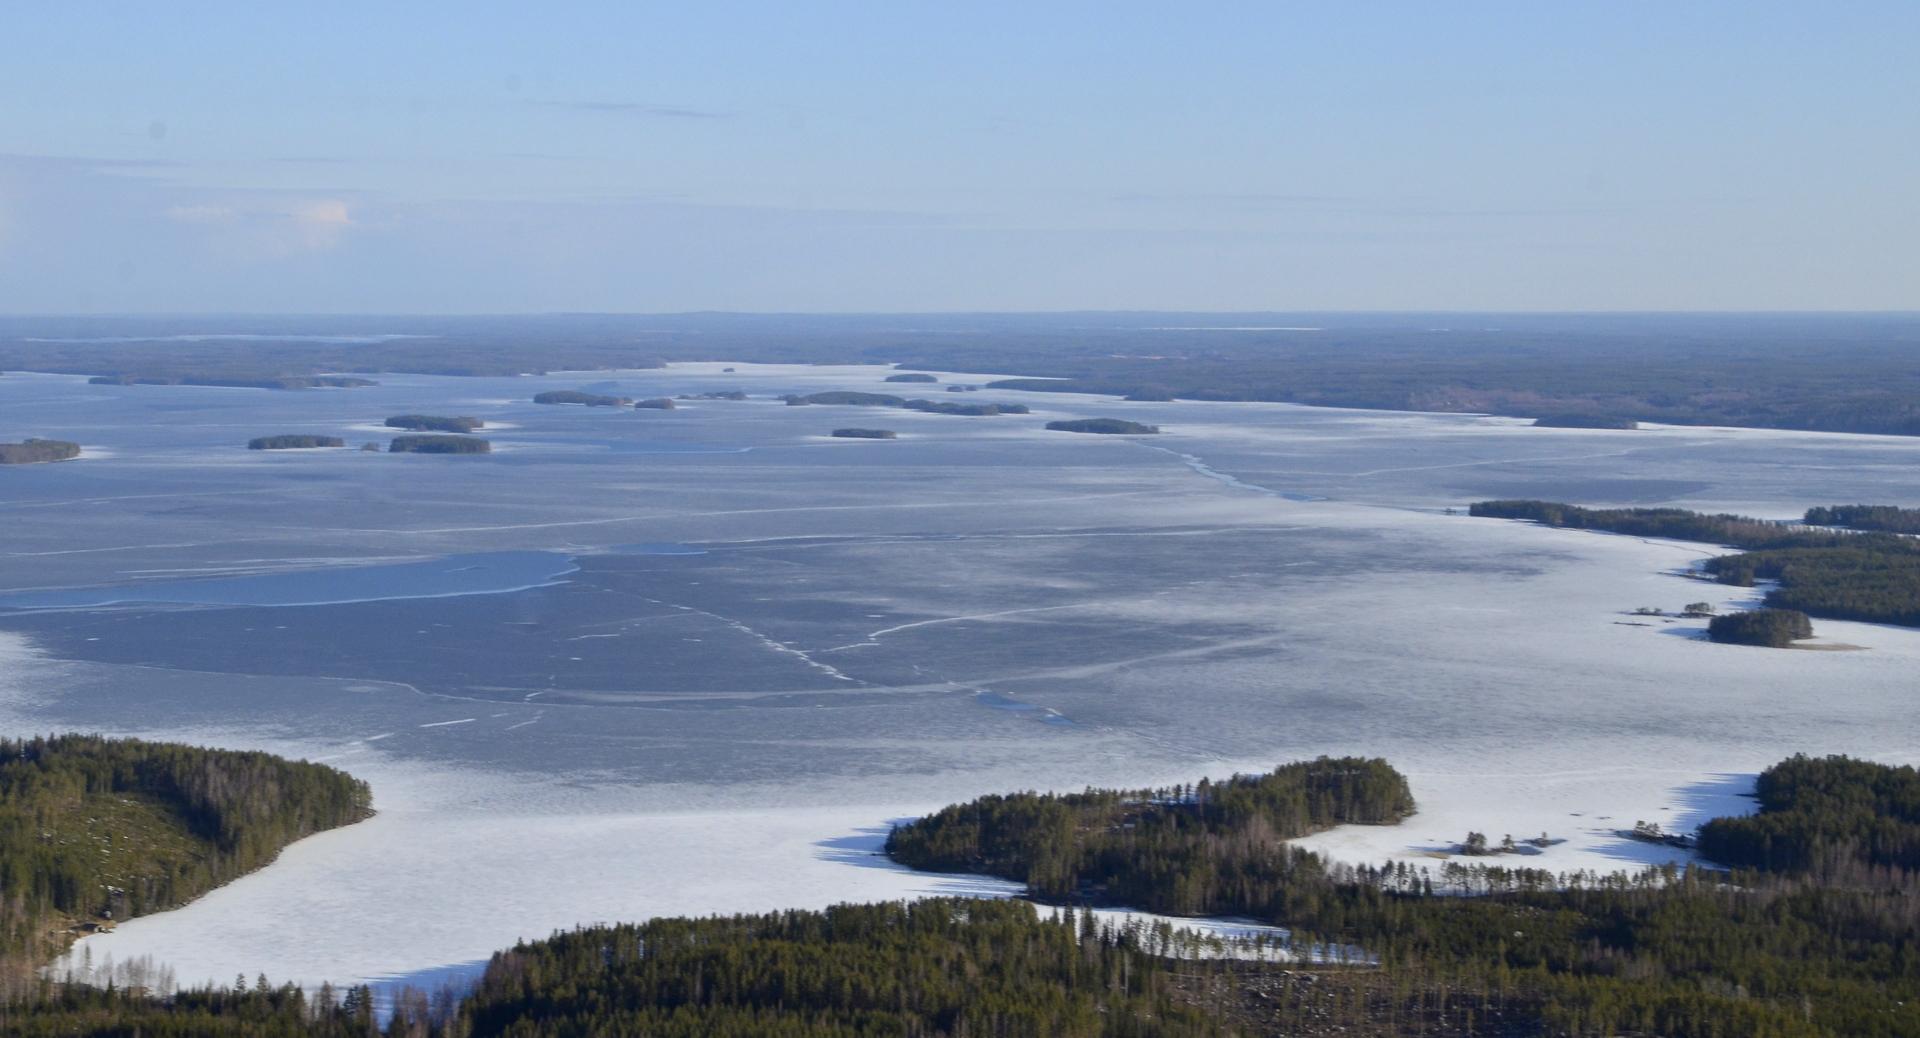 Koliman suuren selän kansi vielä melko jäinen. Pieniä sulia kohtia siellä täällä. Kuvassa oikealla Järkiniemen kärki.